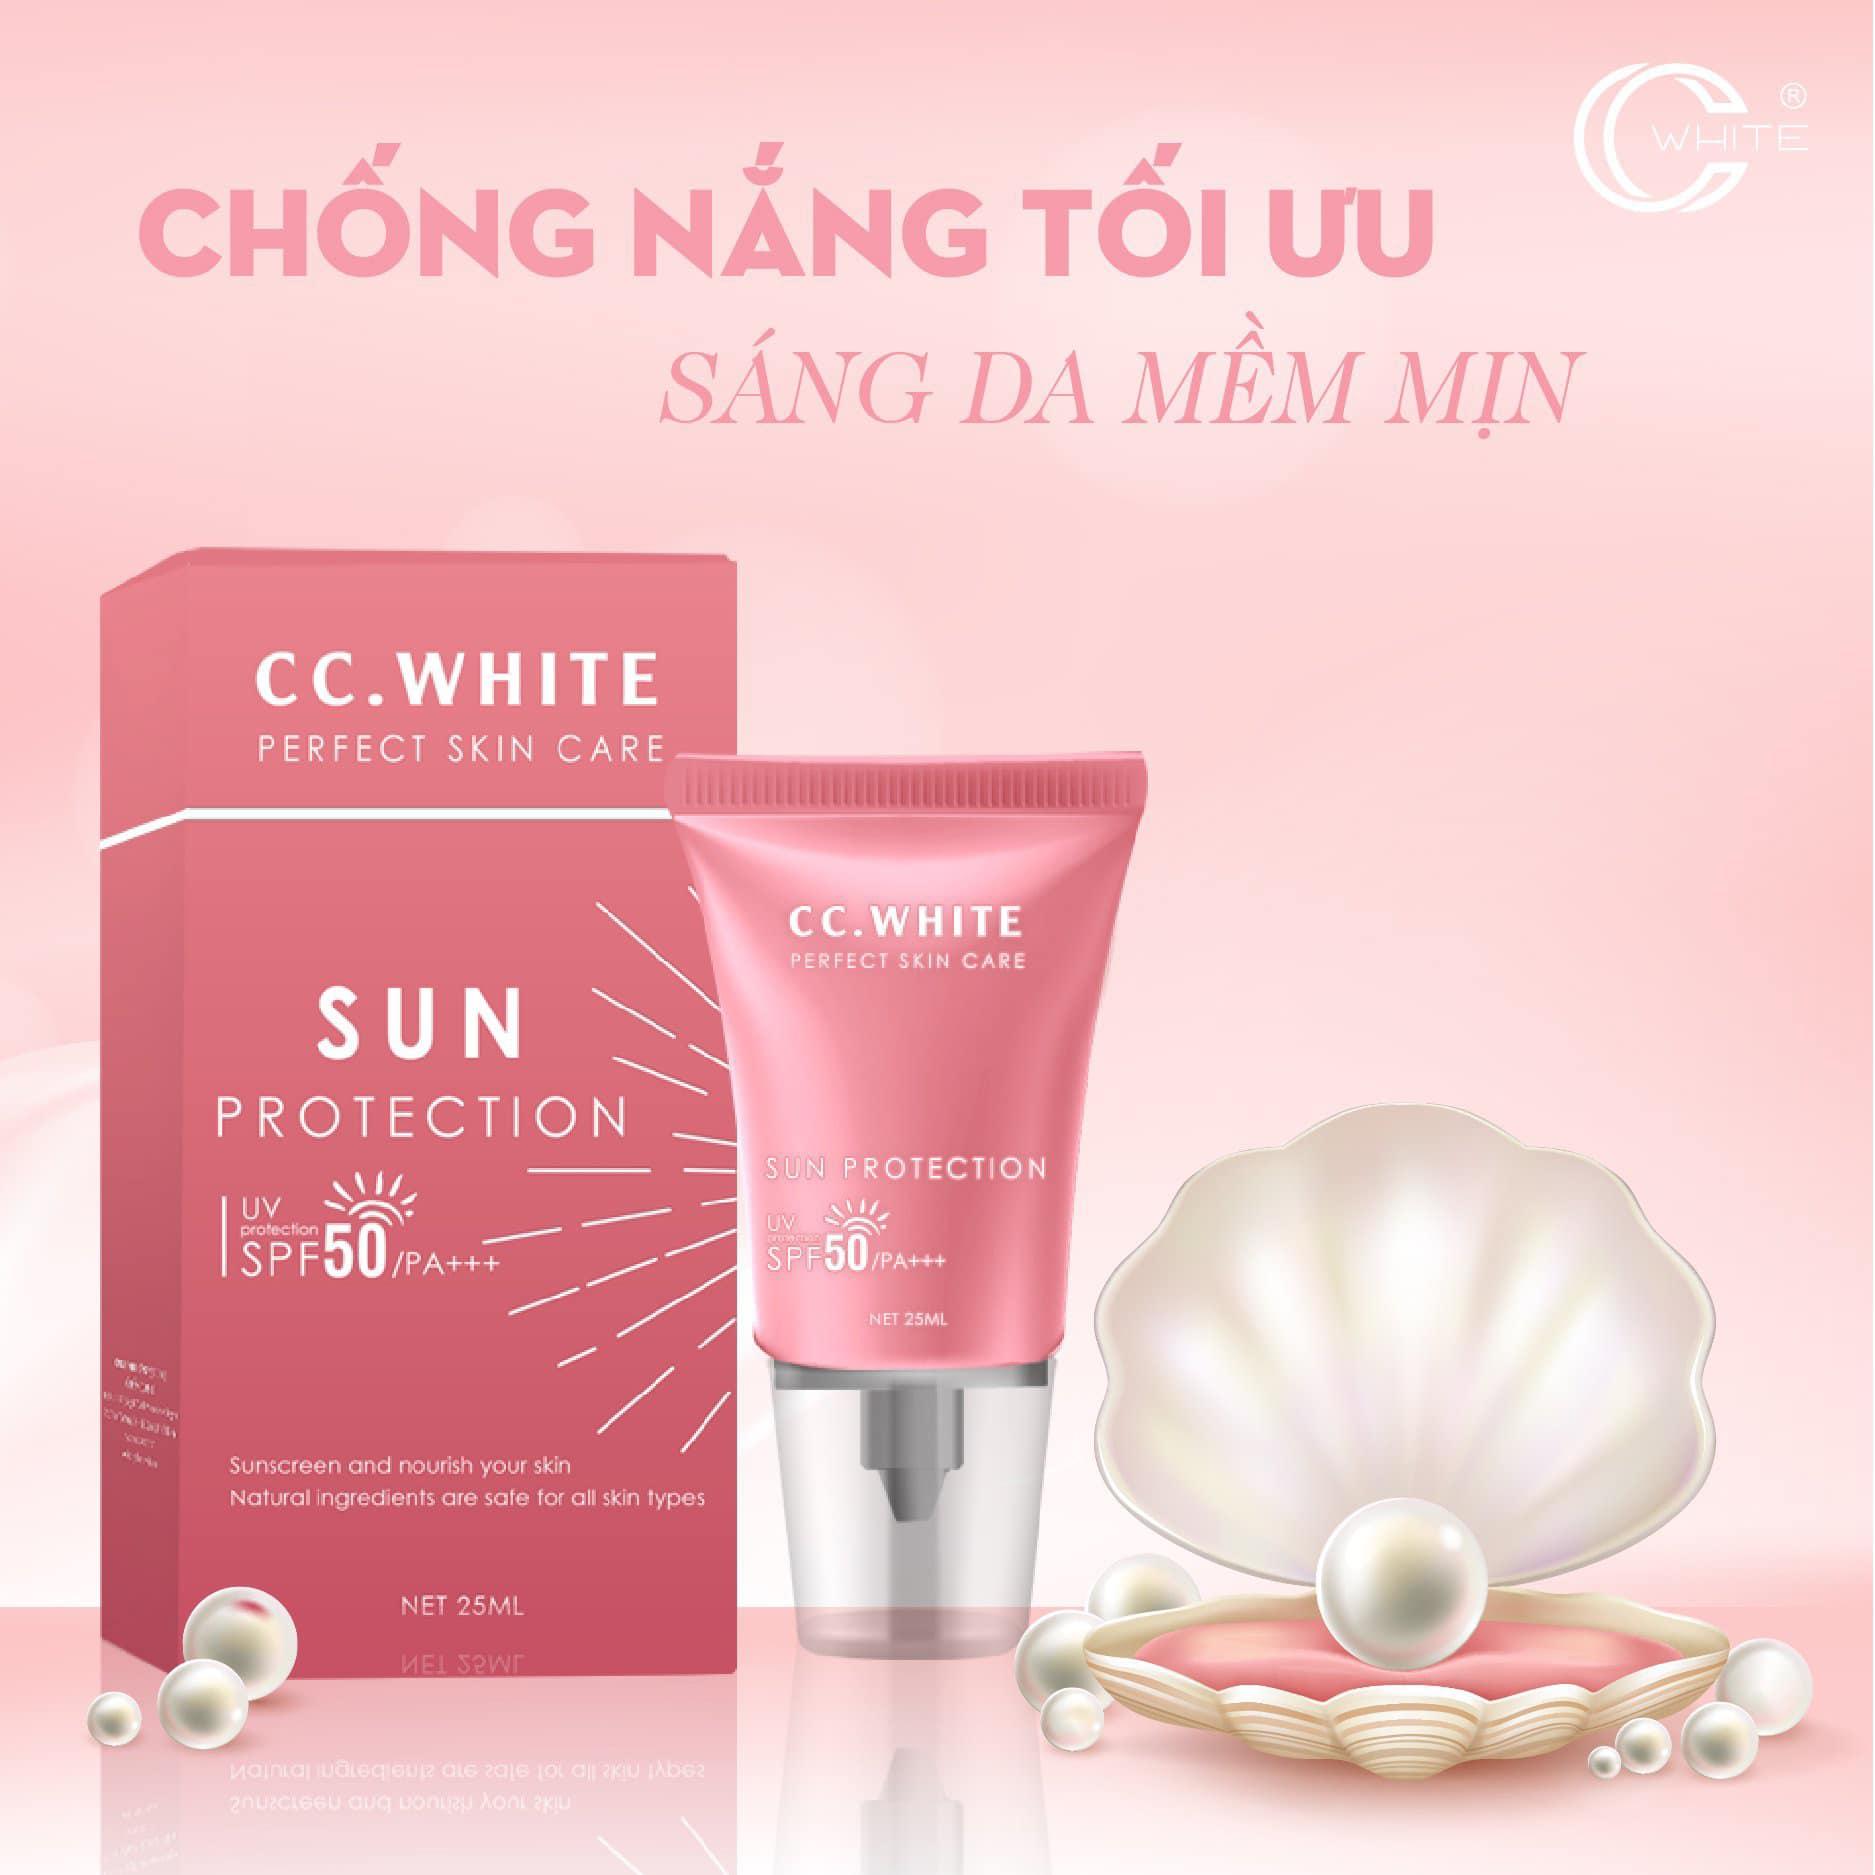 KEM CHỐNG NẮNG NGỌC TRAI CC WHITE - SUN PROTECTION